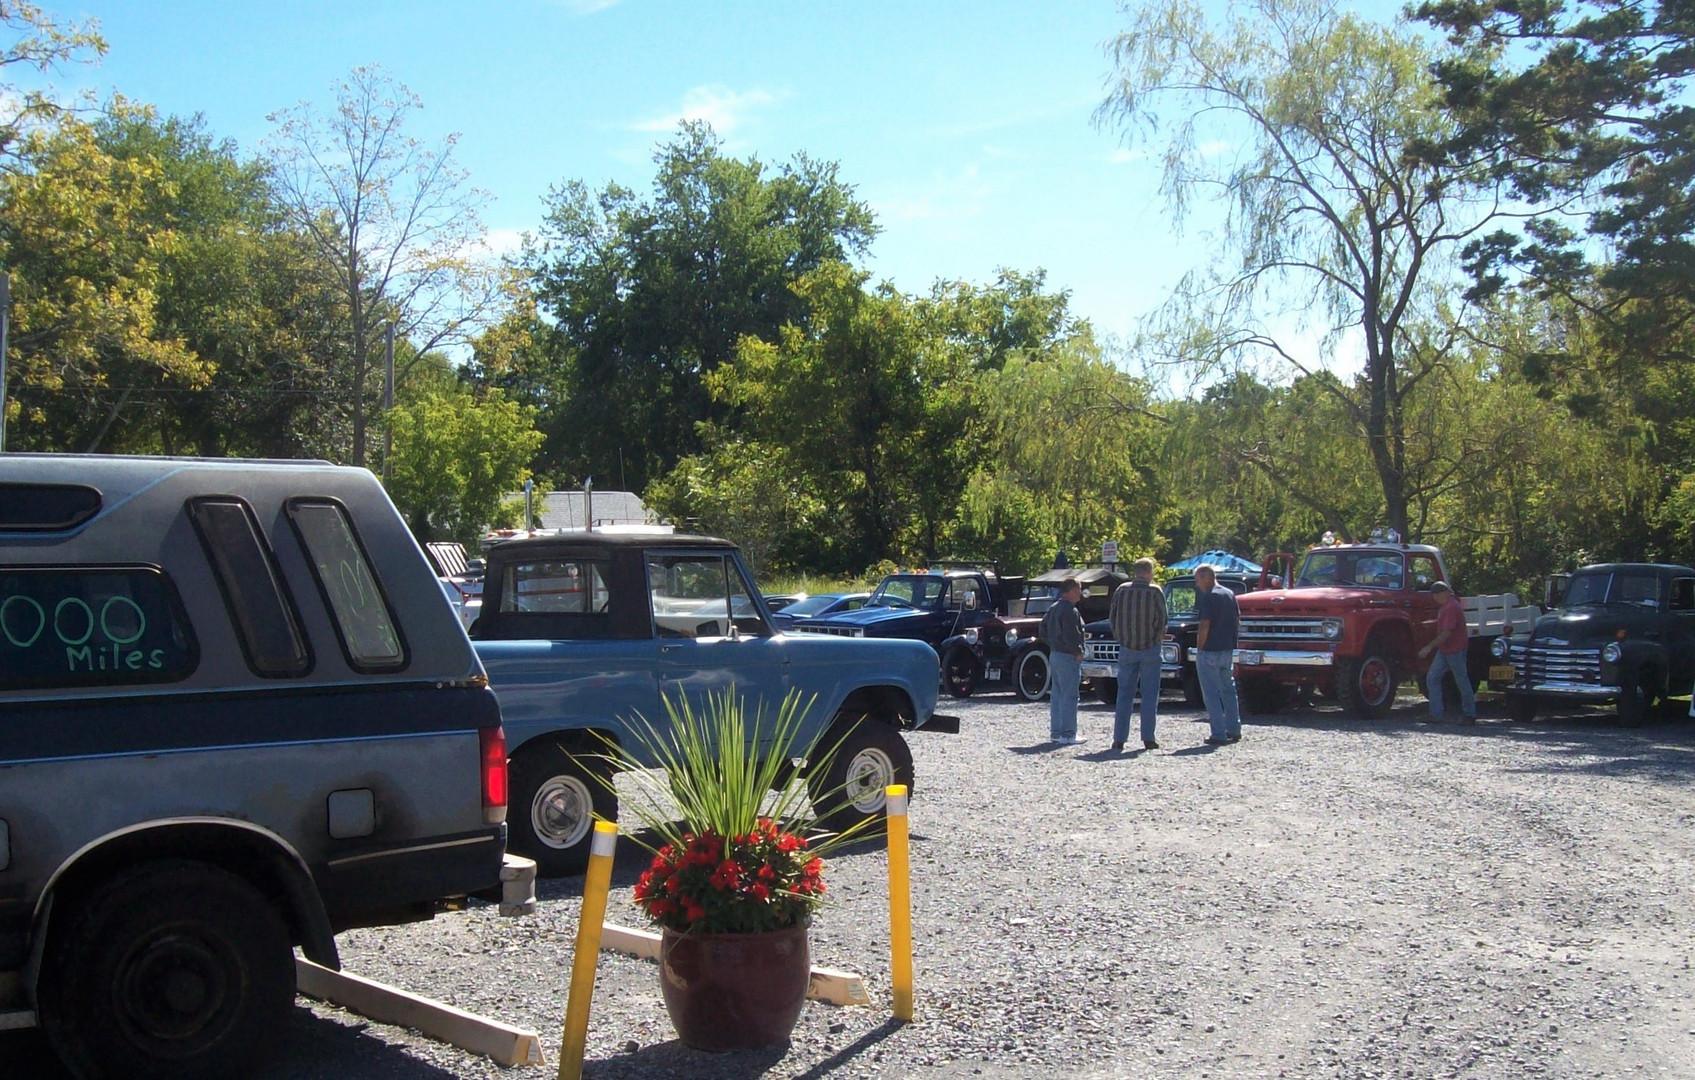 Member's trucks at the restaurant